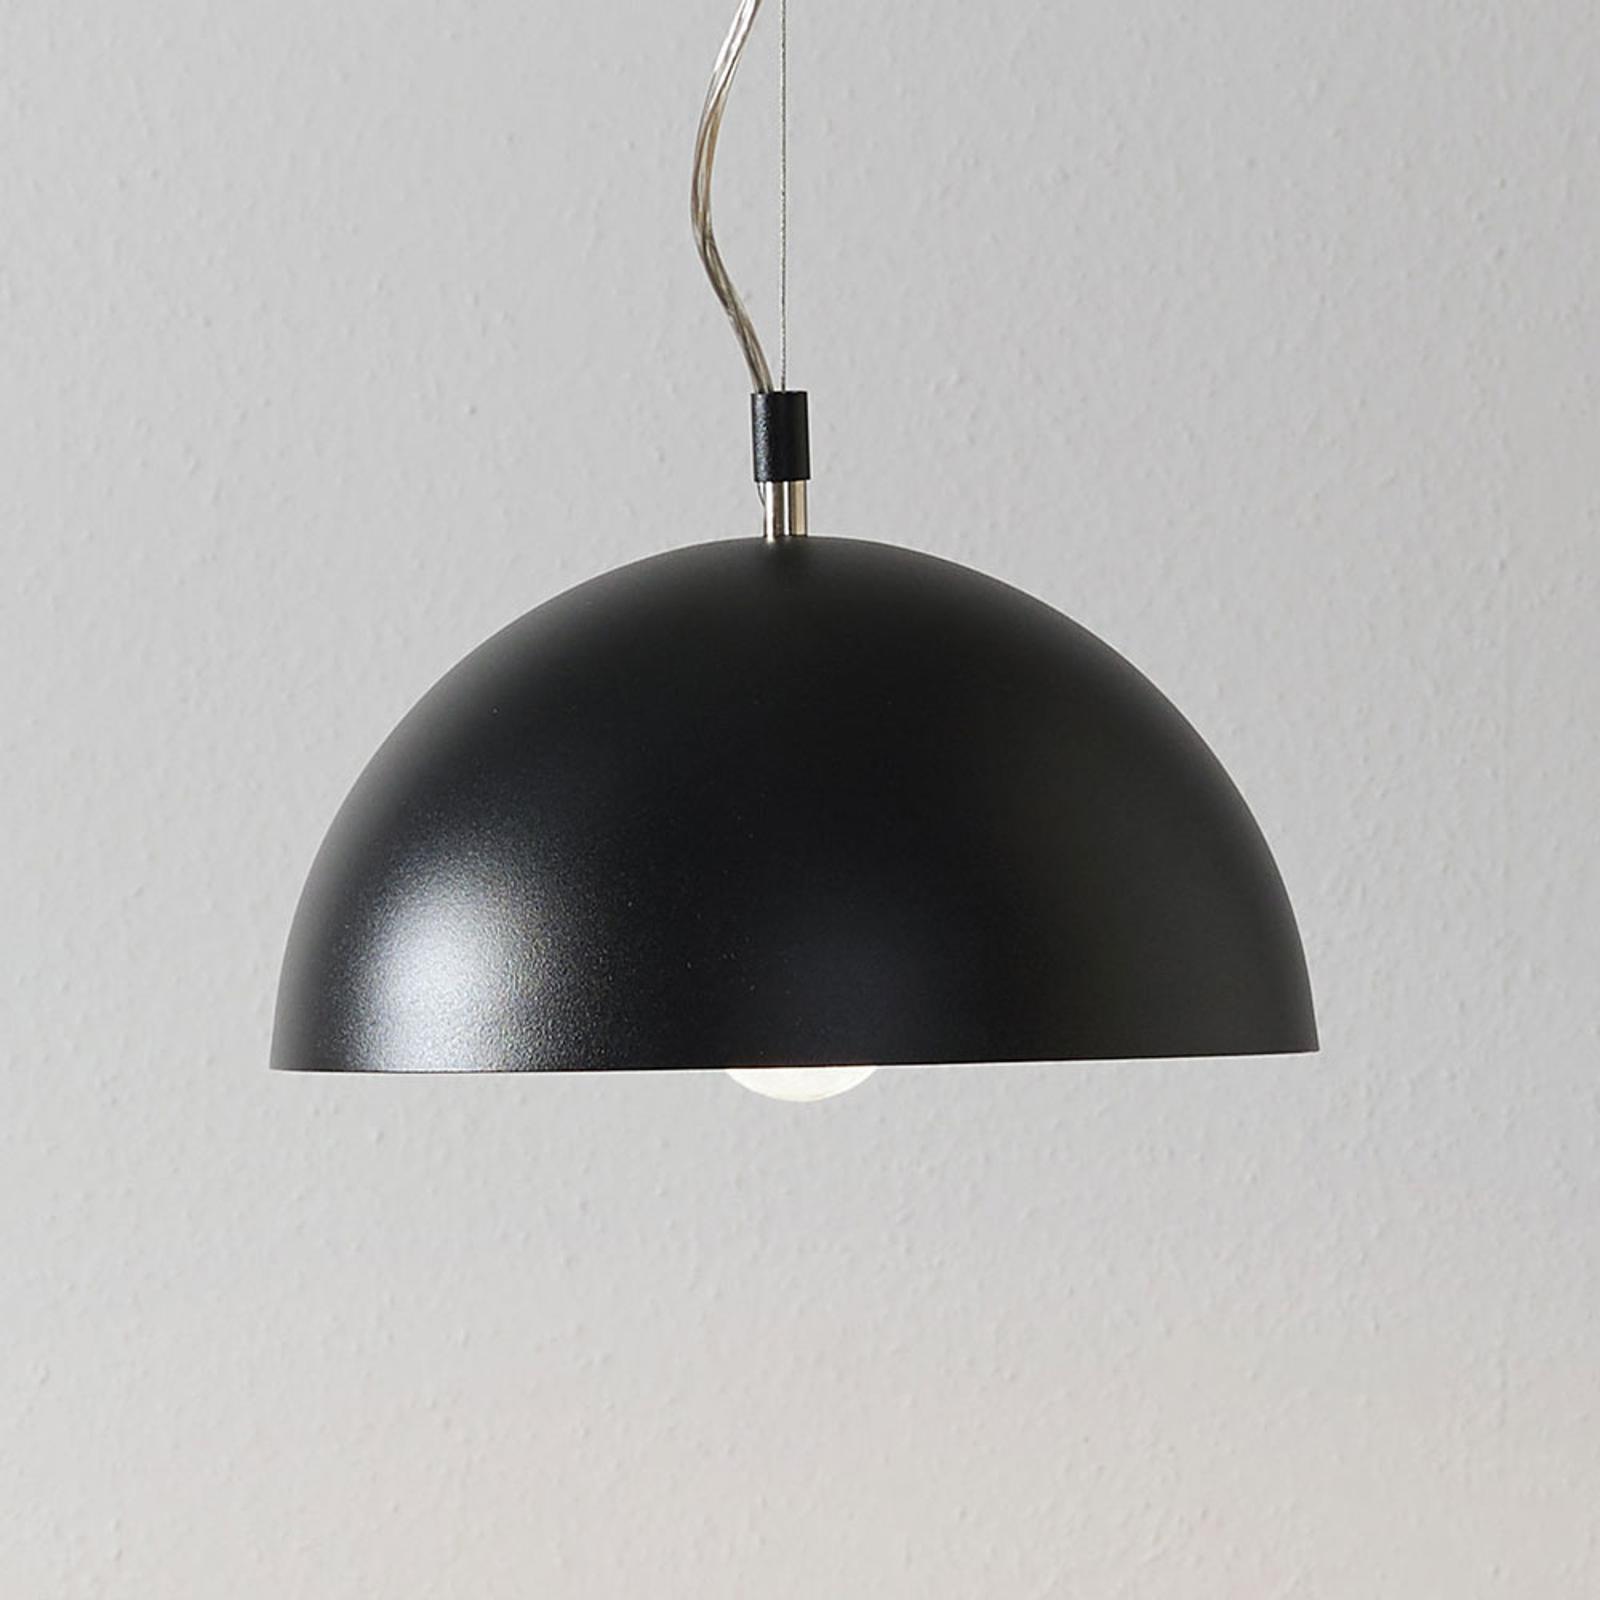 Lucande Maleo hanglamp 30cm zwart